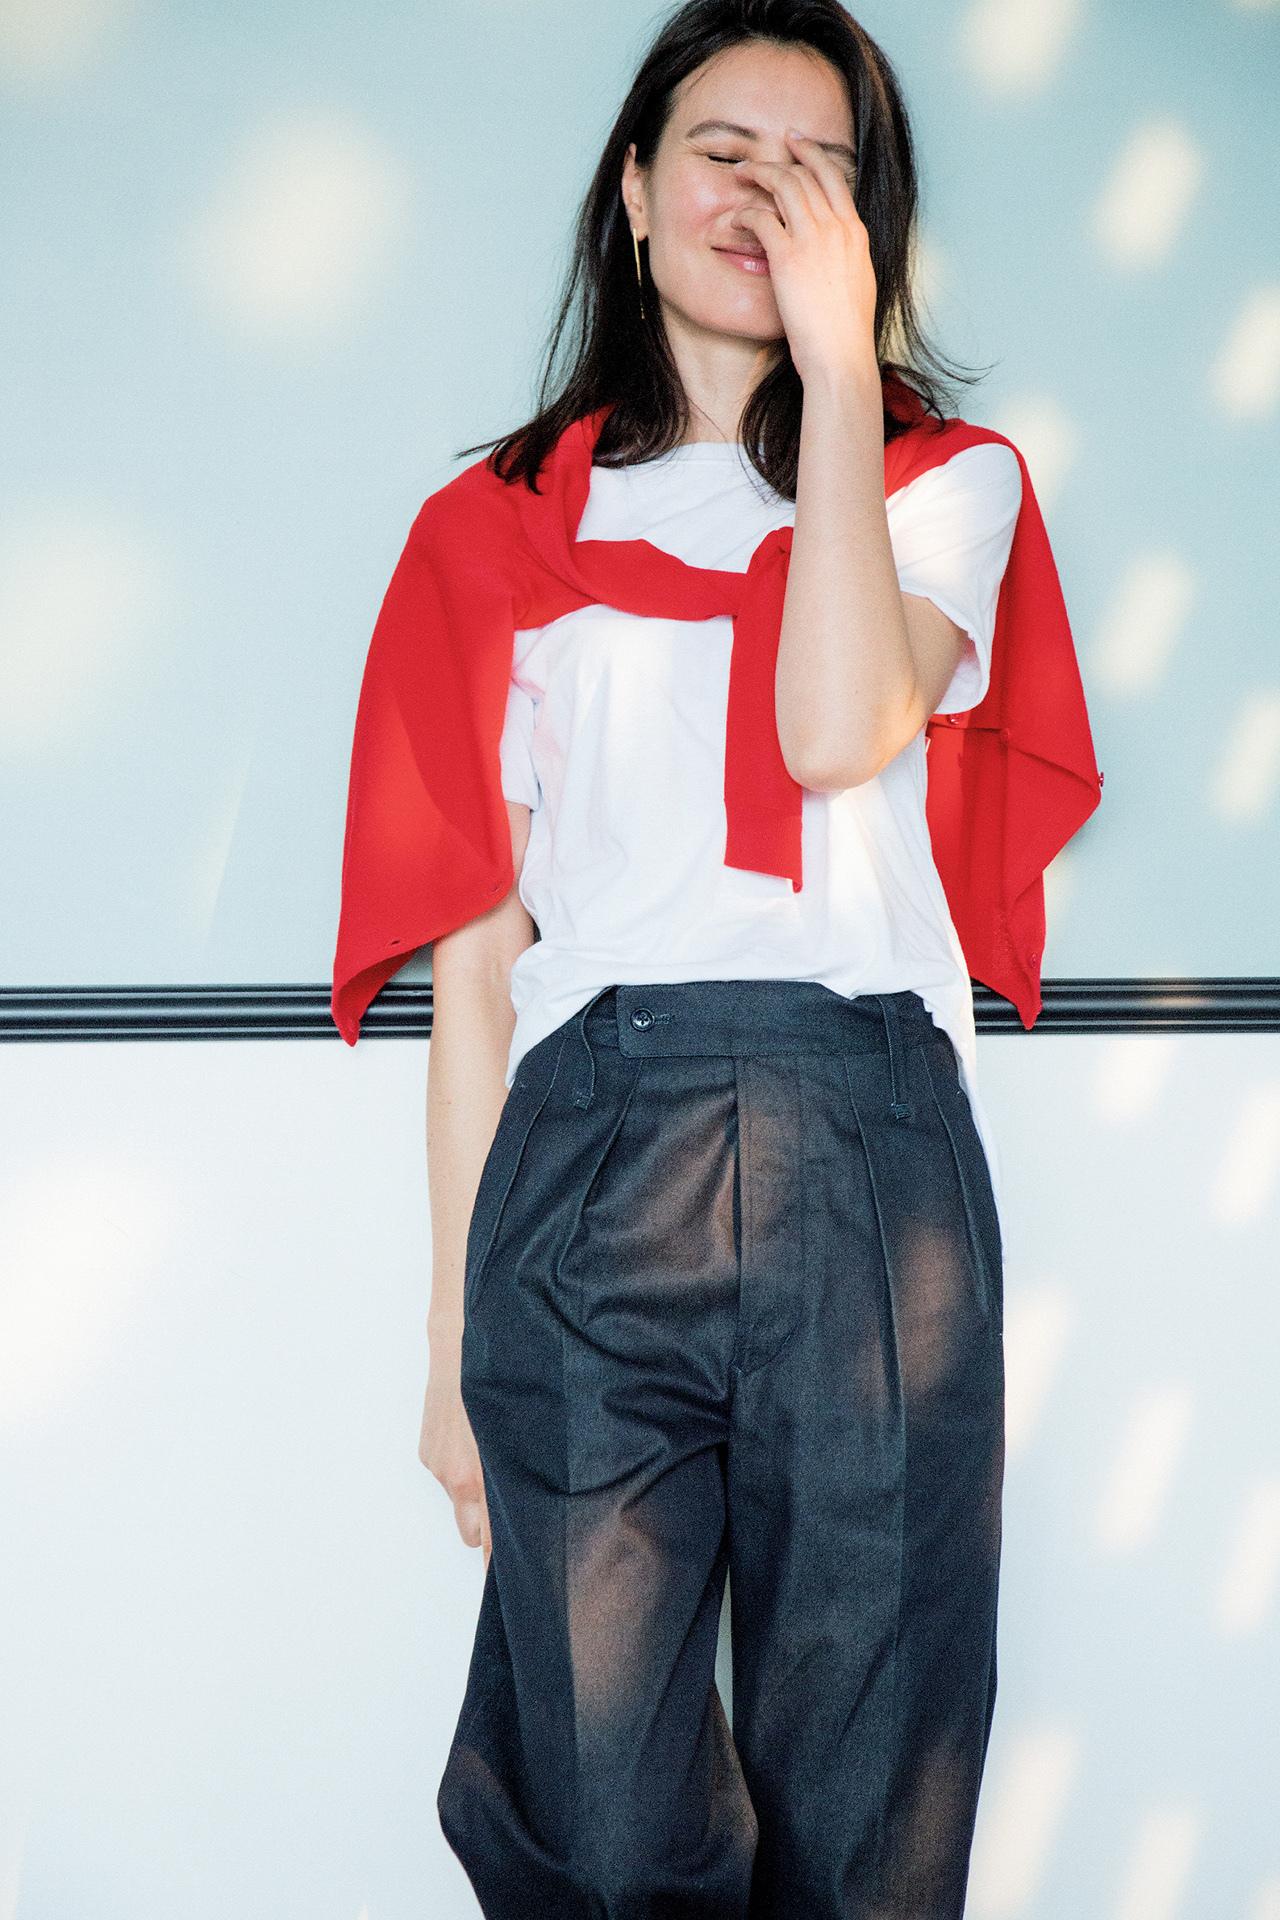 エクラ世代が安心して着られる! 特選ブランドのTシャツでお出かけを 五選_1_1-3